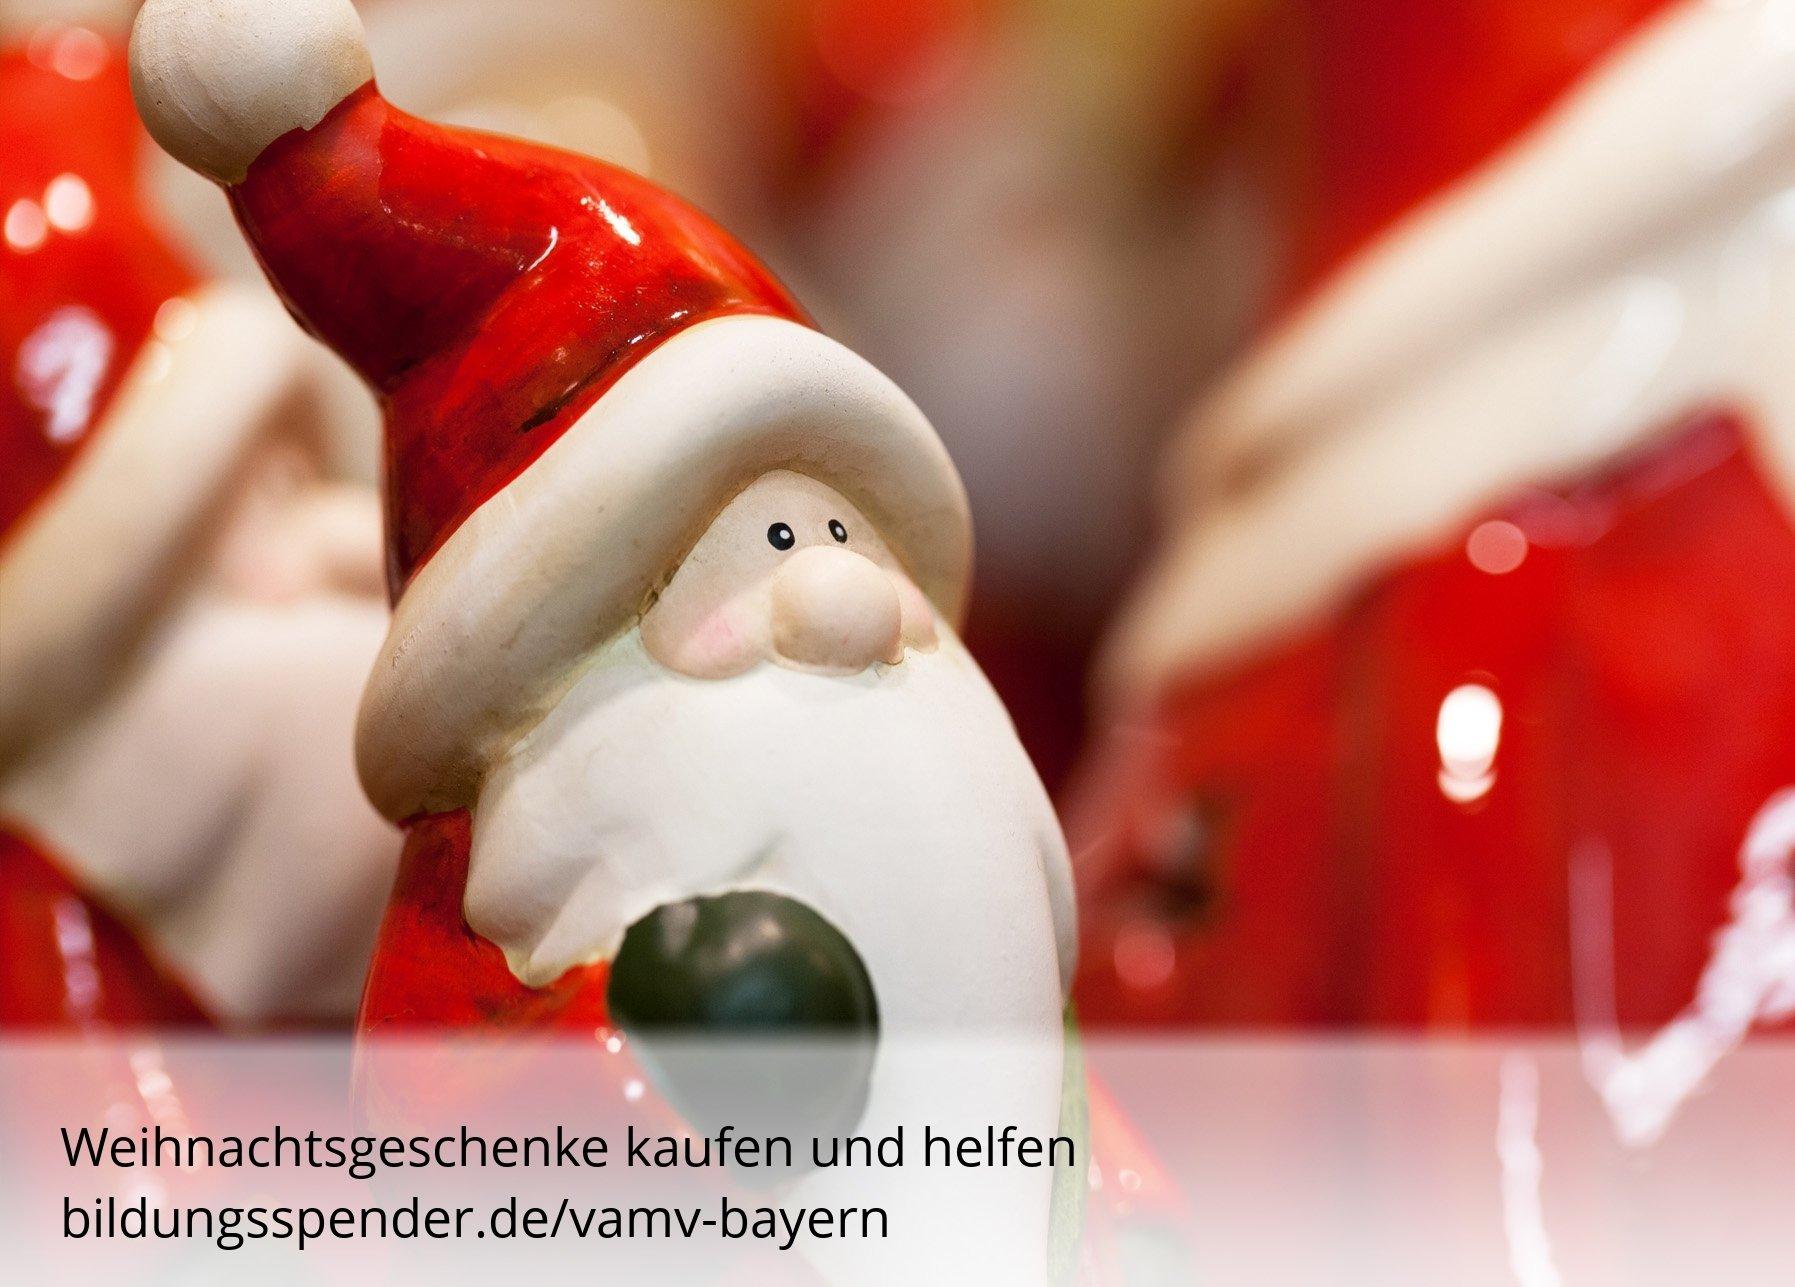 *****Weihnachtsgeschenke: einmal kaufen, zweimal schenken****